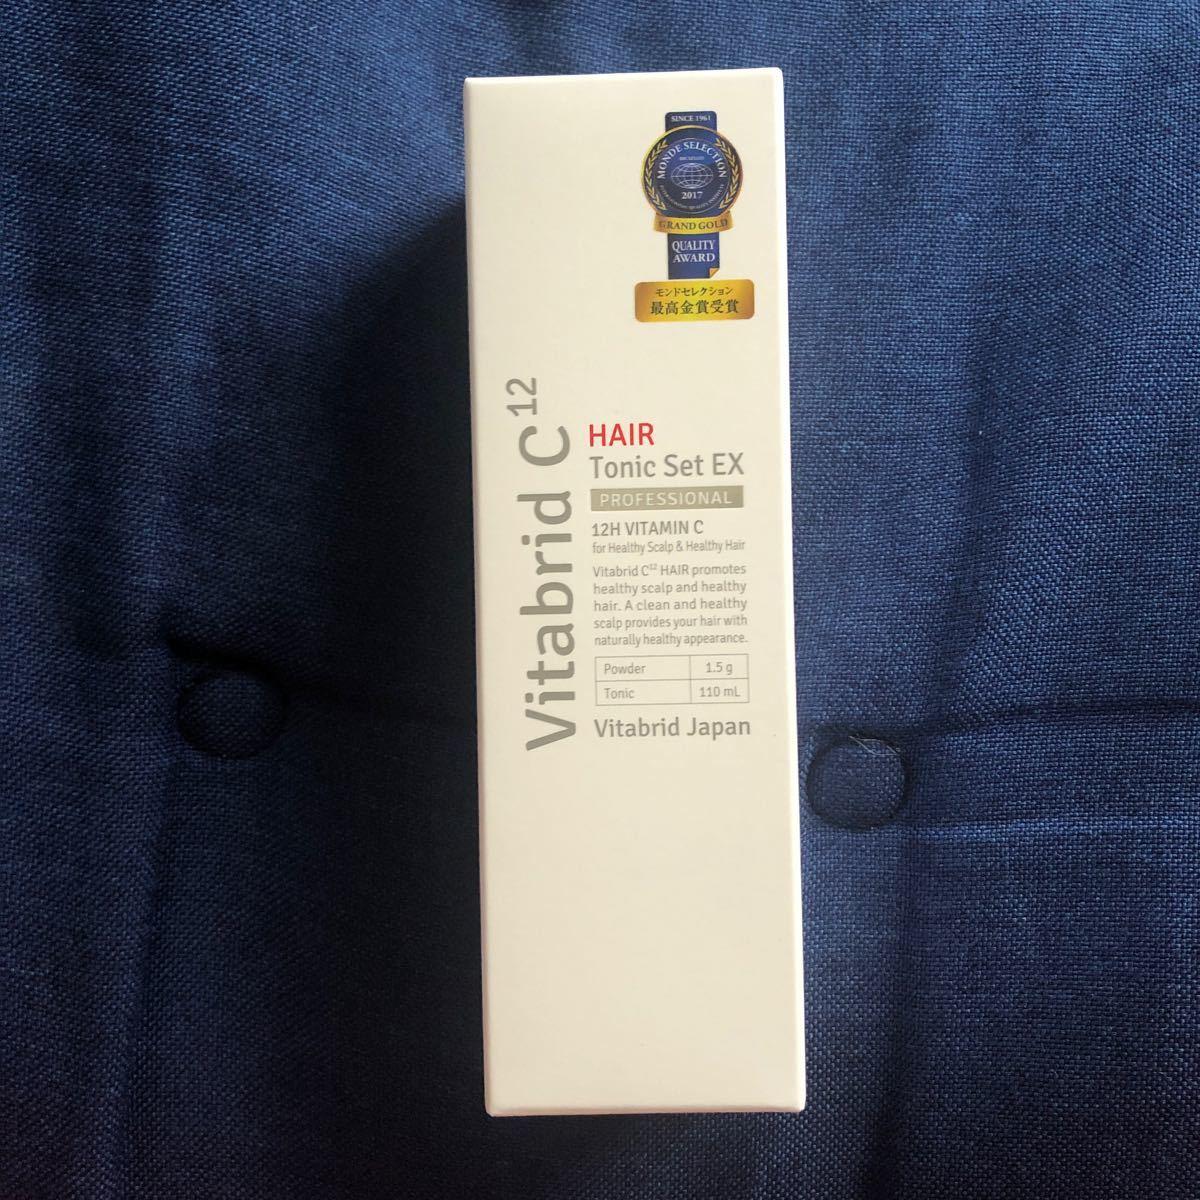 育毛剤 発毛剤 トニック ビタブリッドC ヘアートニックセット EX 医薬部外品